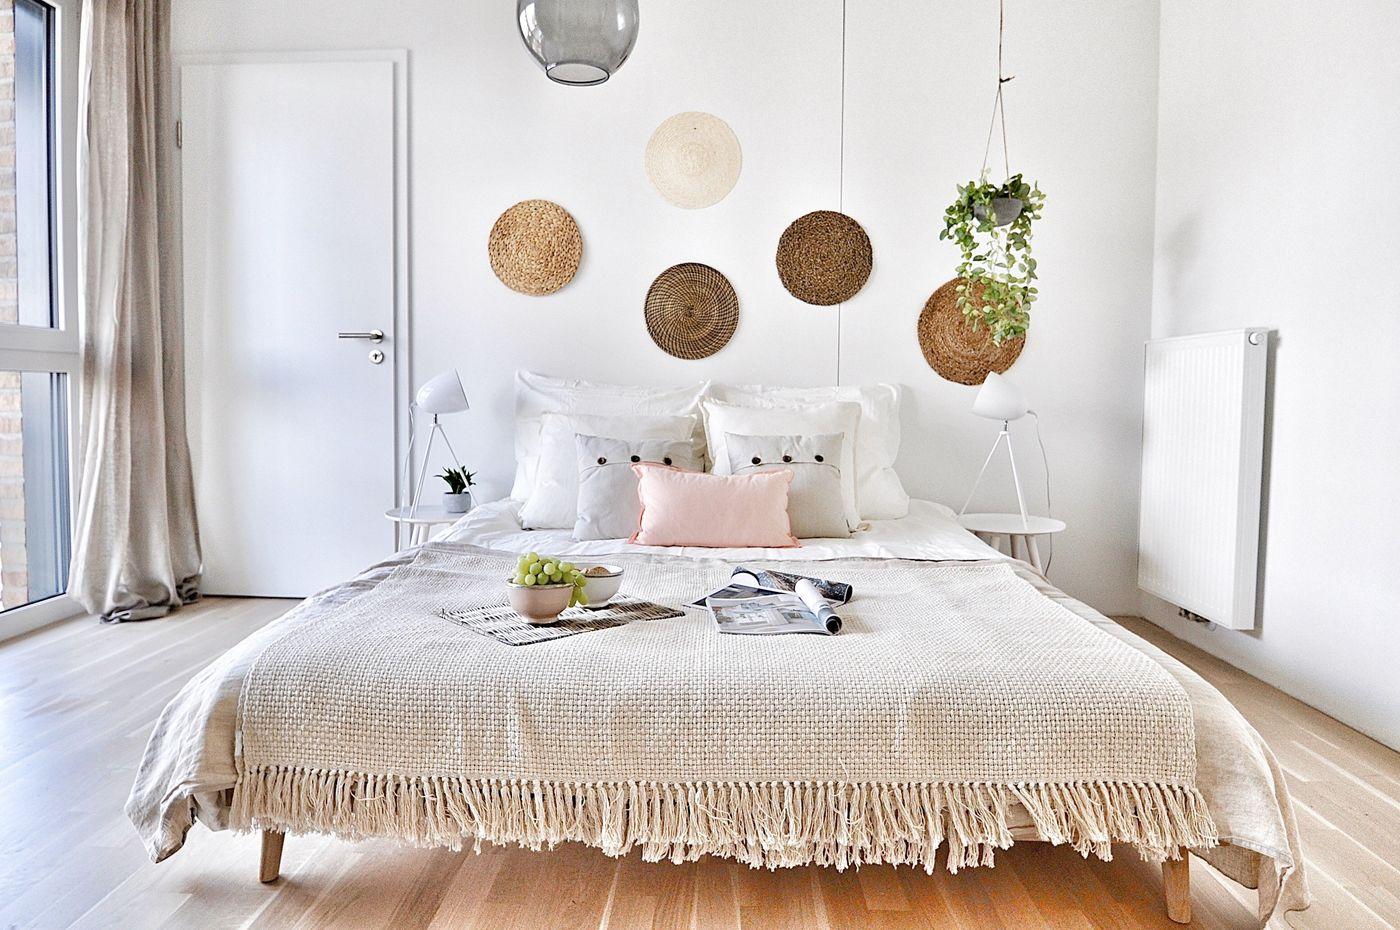 Farbige Wandgestaltung Im Schlafzimmer Die Besten Ideen Fur Die